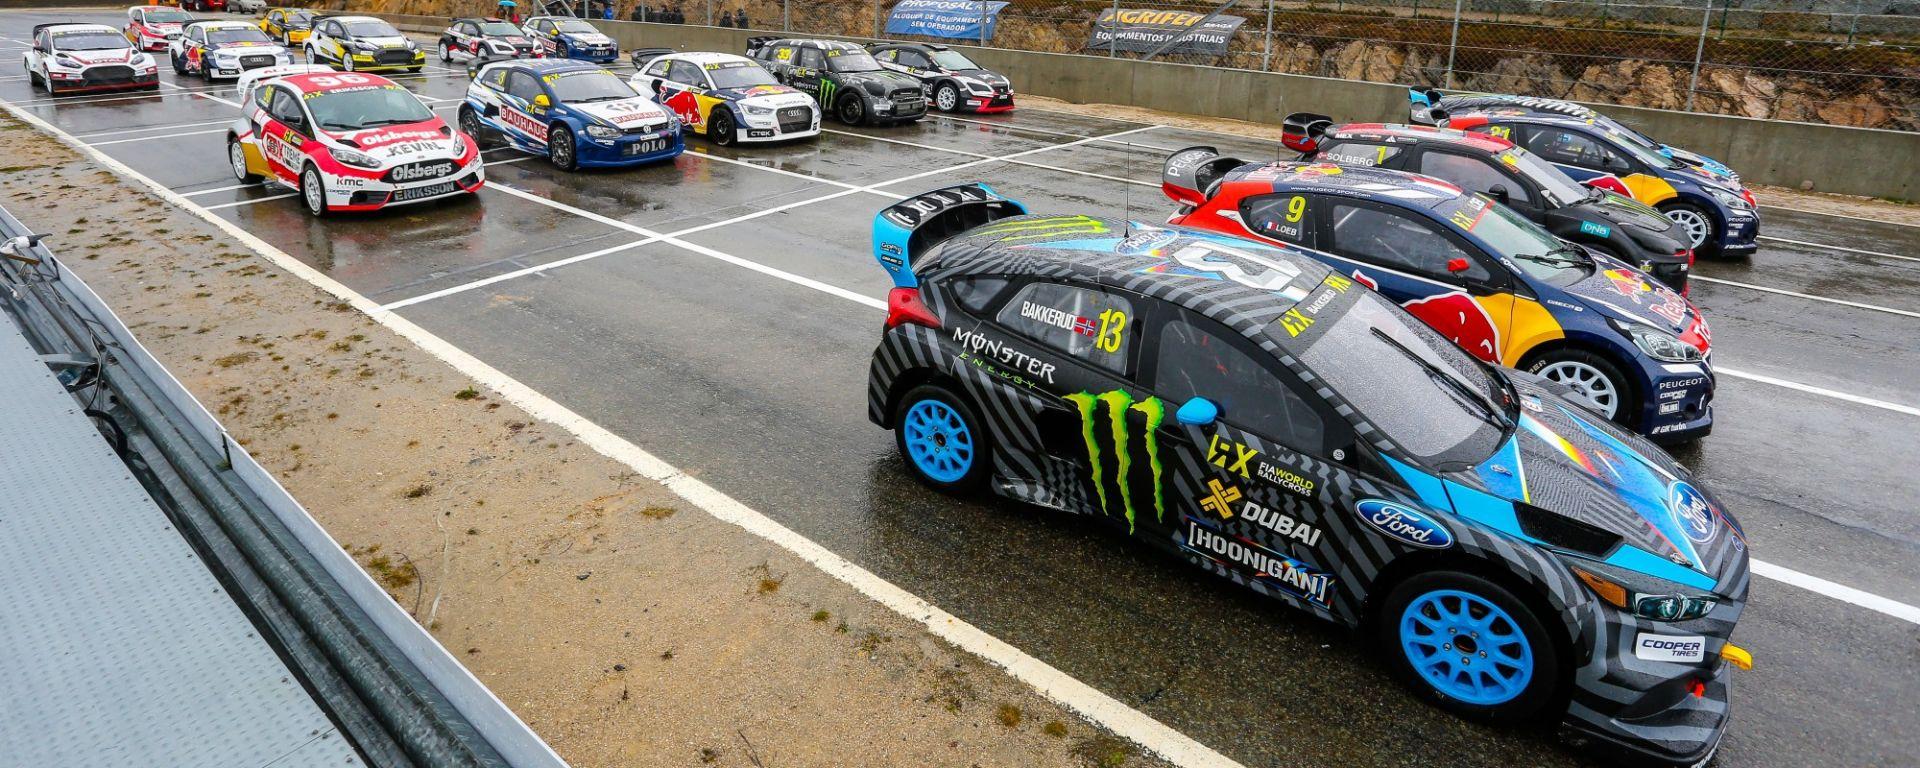 Rallycross 2016: Ekstrom fa il bis e passa in testa al mondiale!